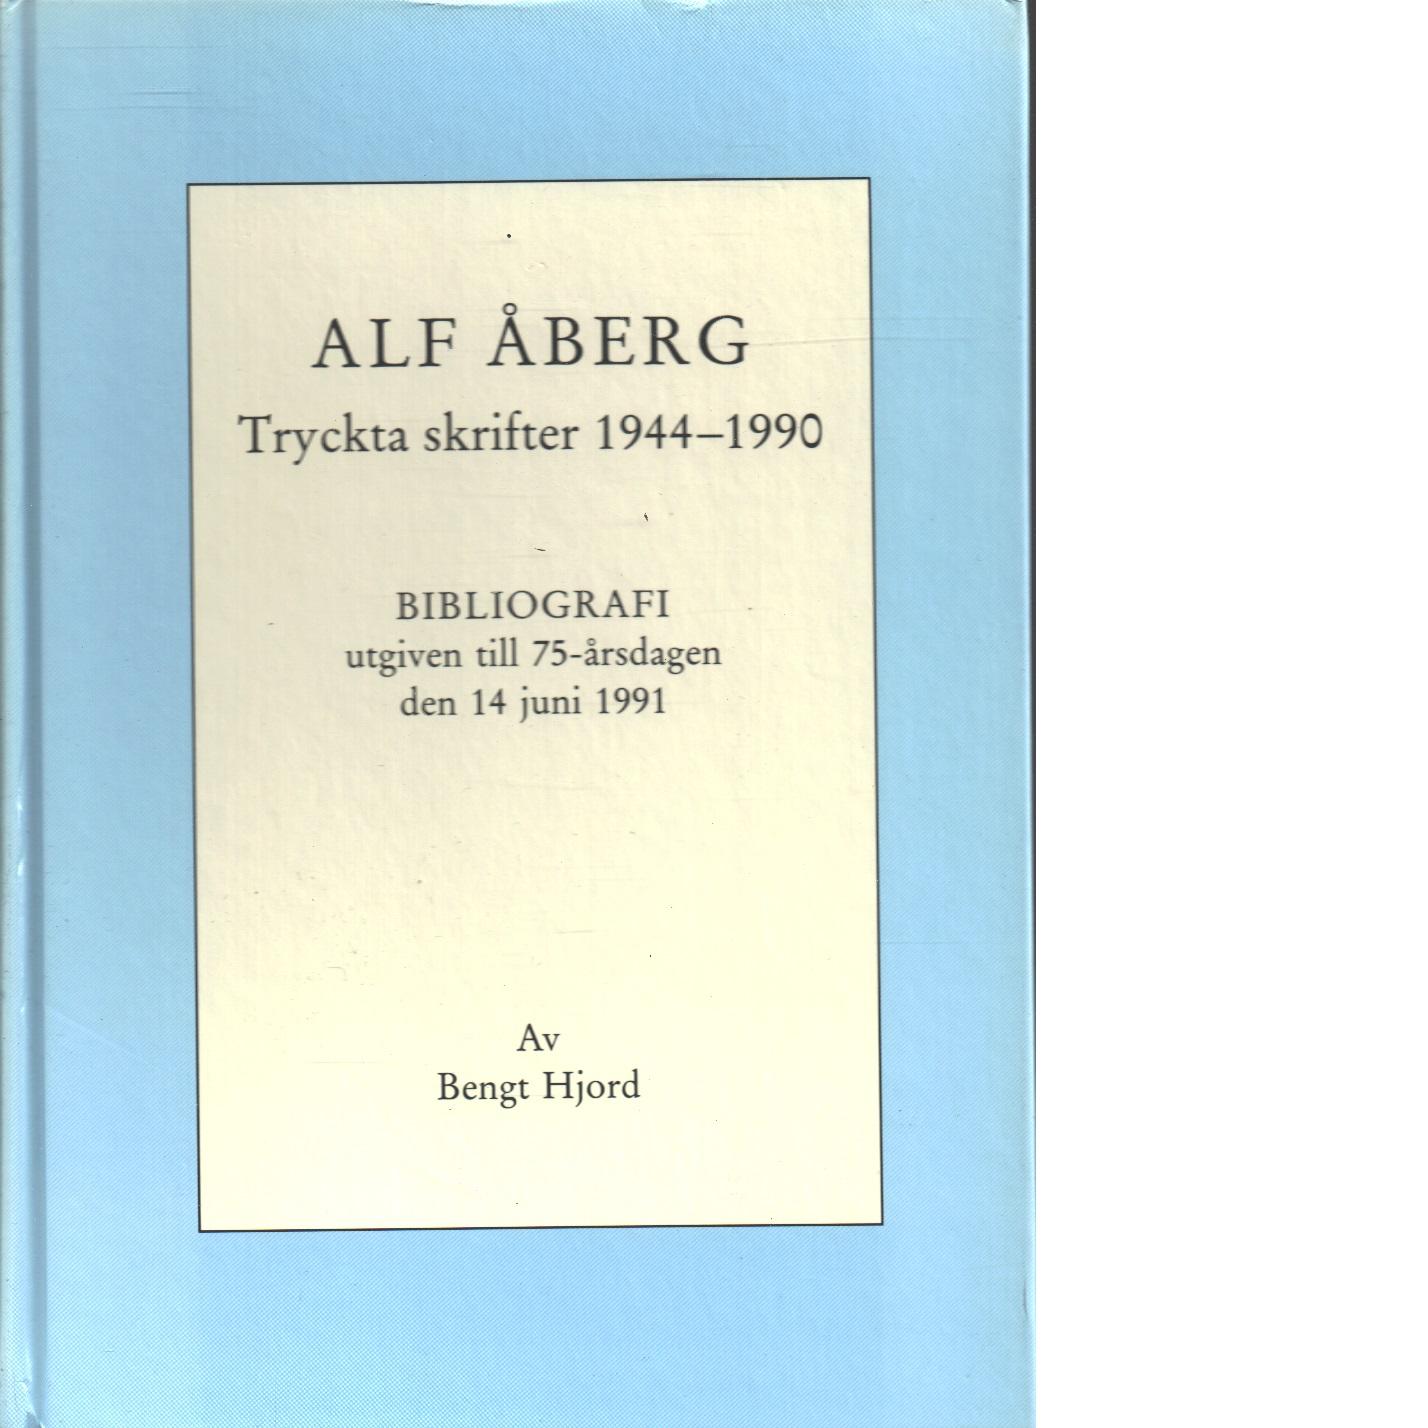 Alf Åberg : tryckta skrifter 1944-1990 : bibliografi utgiven till 75-årsdagen den 14 juni 1991 - Hjord, Bengt